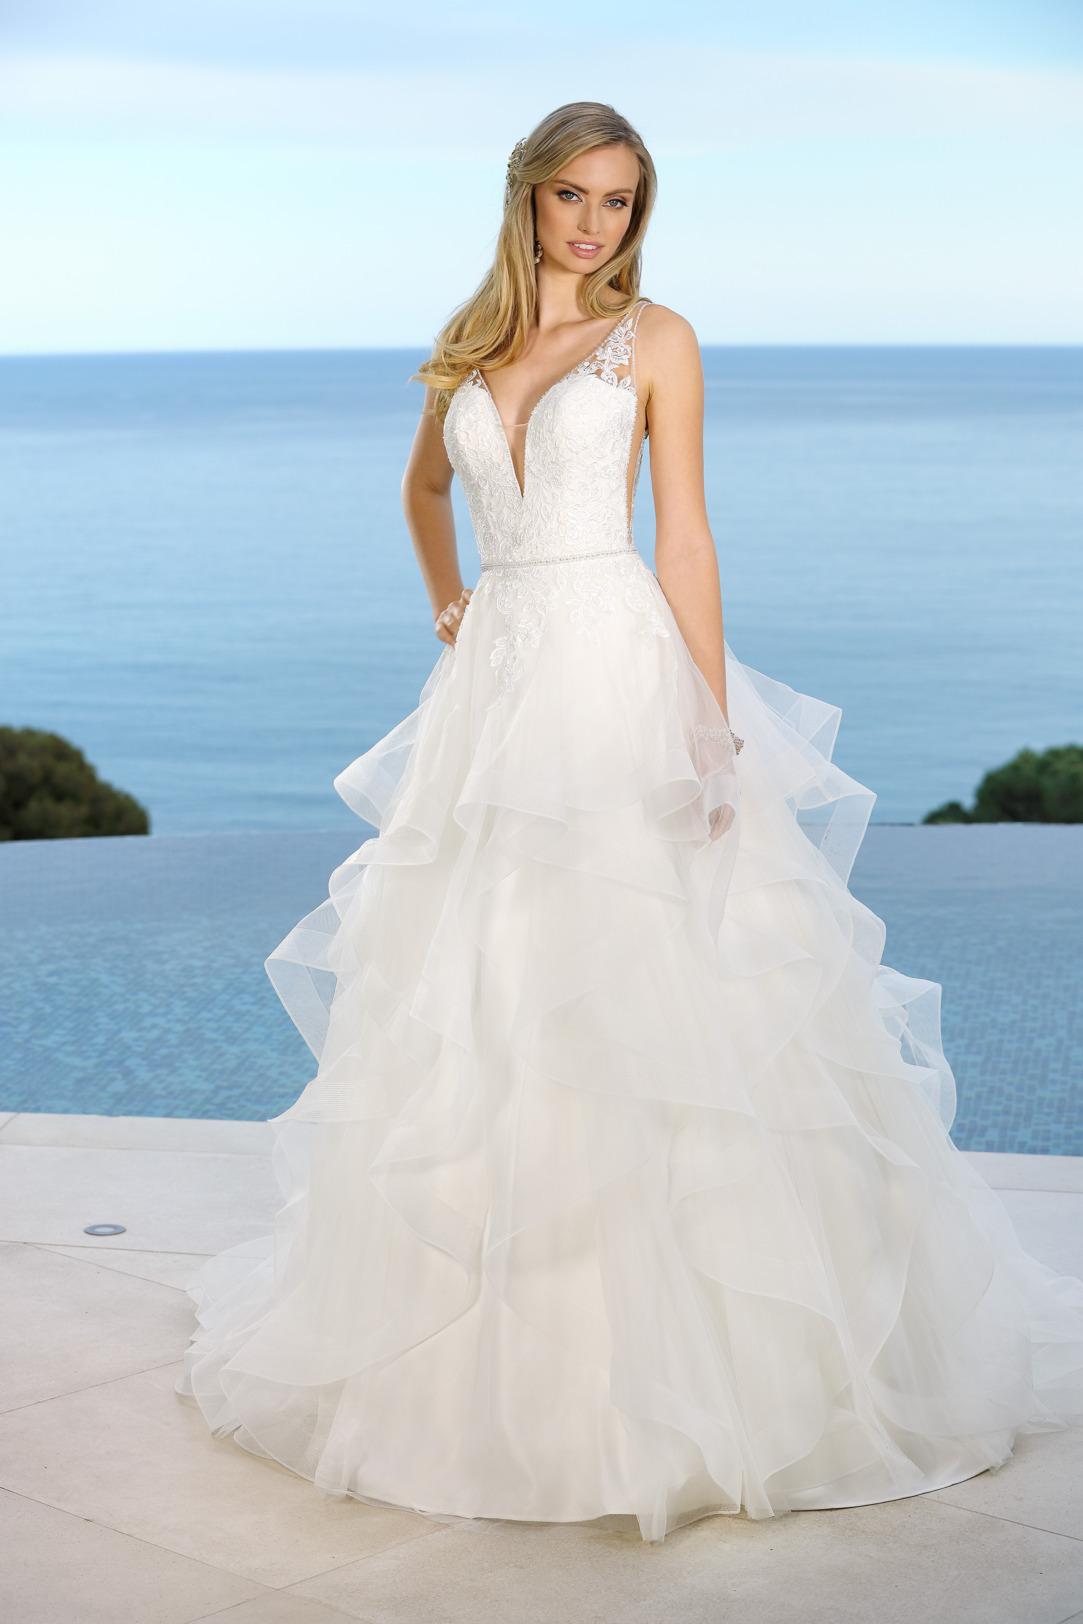 Brautkleid in A-Linie mit V-Ausschnitt und aufwendig gestuftem Rock. Hochzeitskleid in klassischer A Linie von Ladybird Modell 421041 mit tiefem V Ausschnitt und Spitzen Trägern.